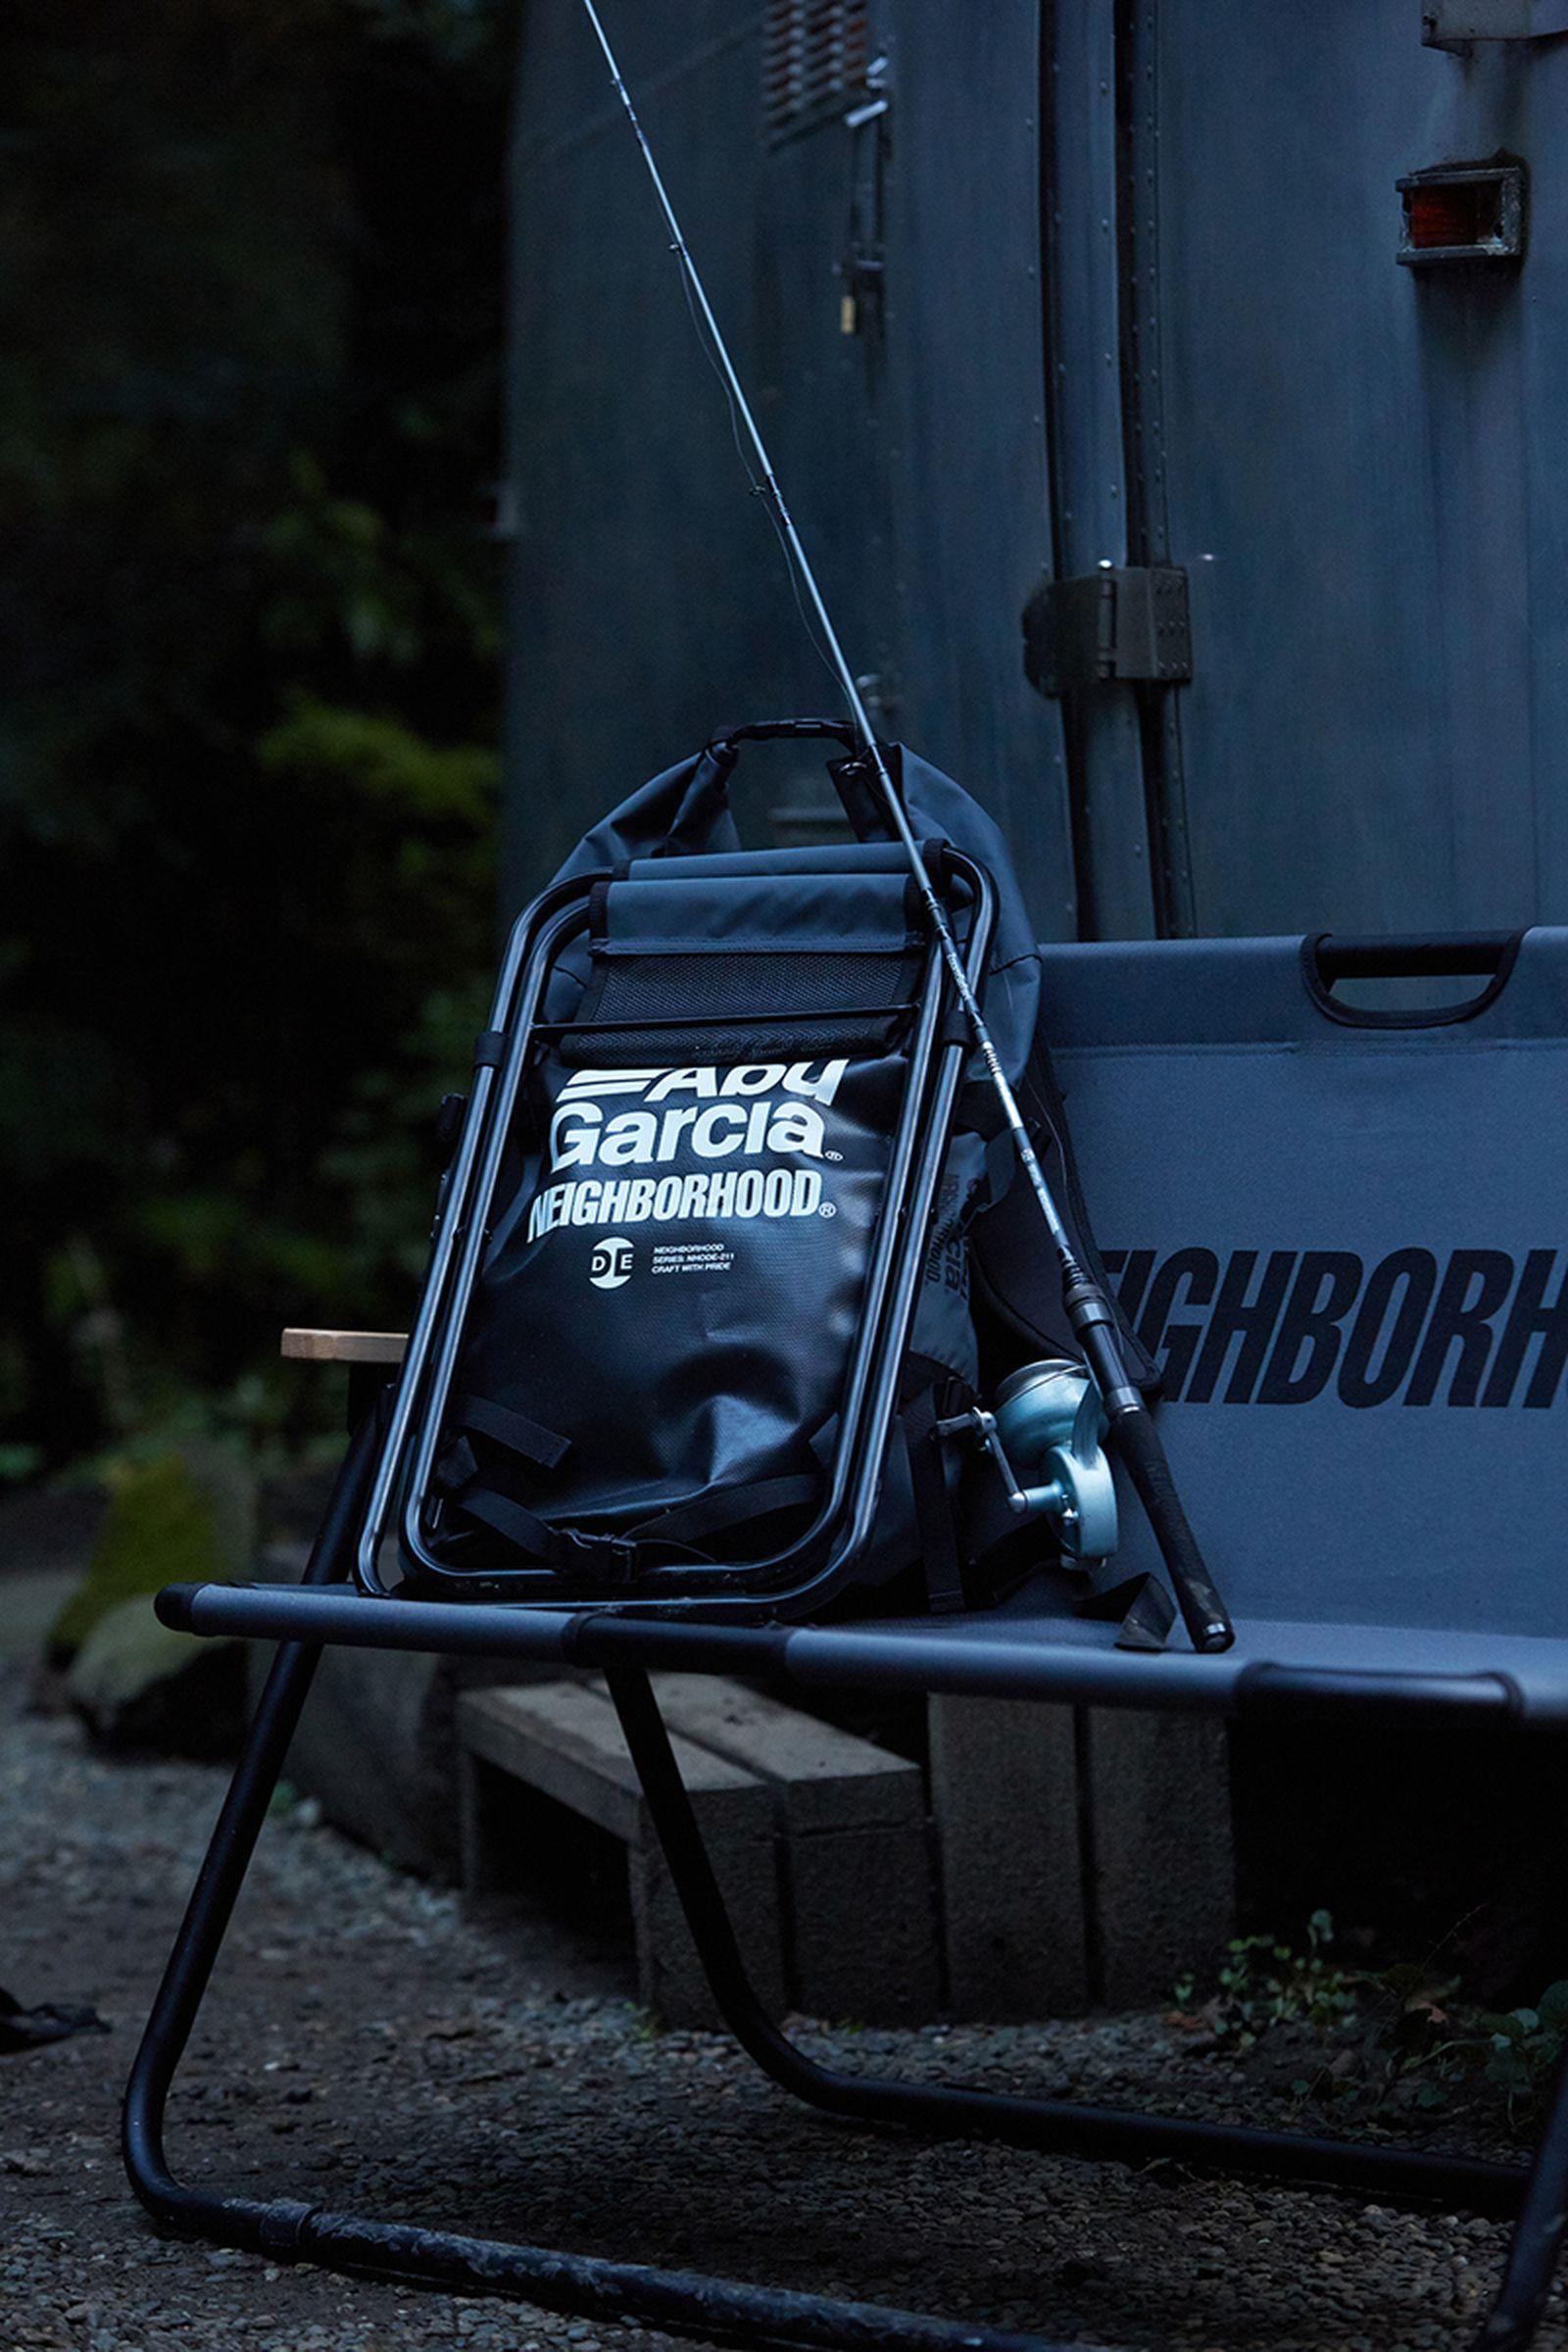 neighborhood-abu-garcia-fishing-camping-gear- (5)